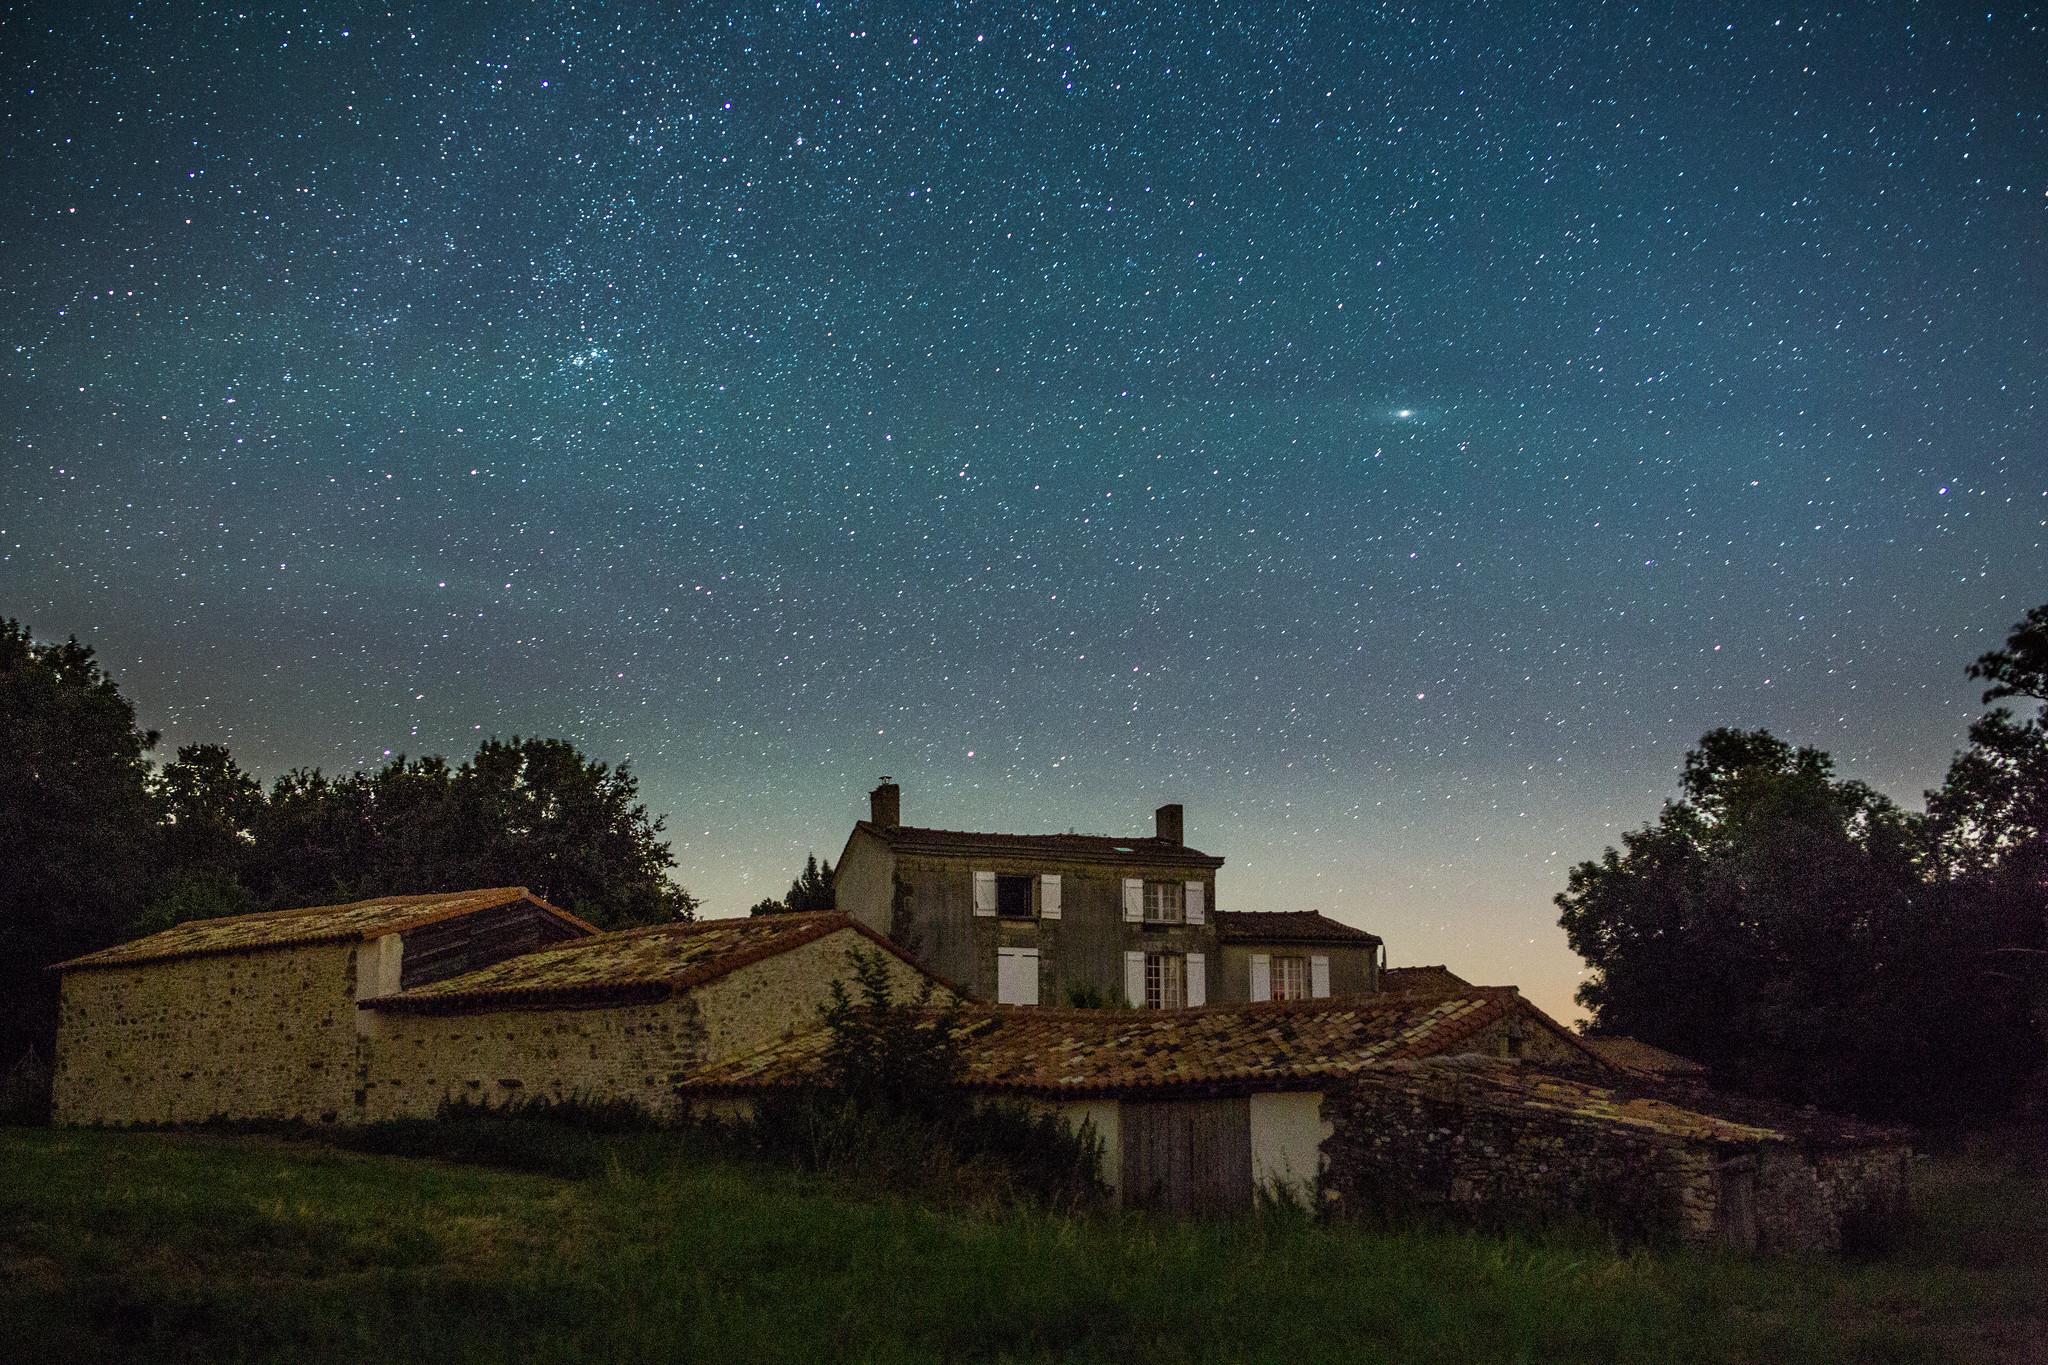 La Godinière at night